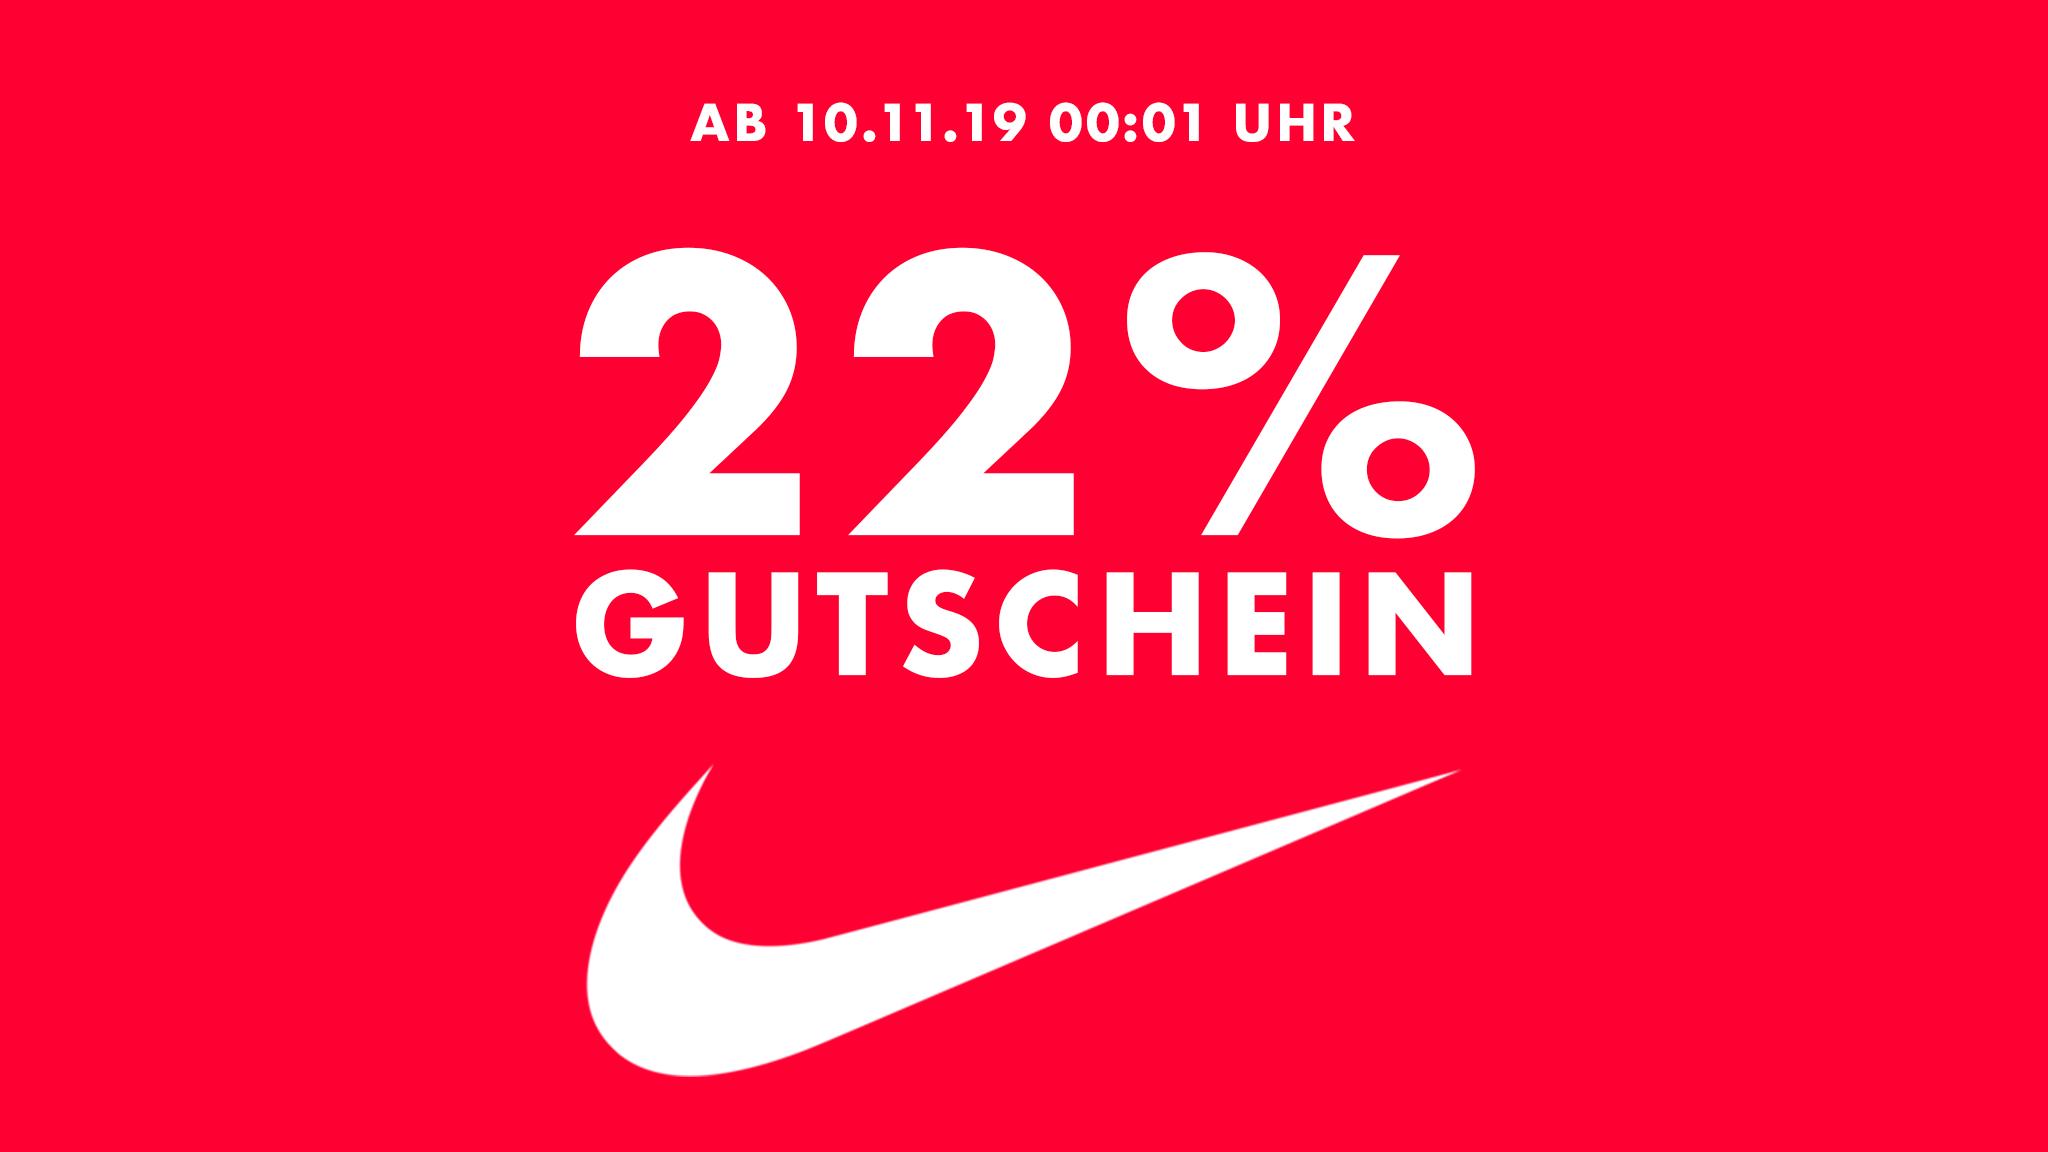 best prices free delivery cheap 22% NIKE Gutschein zum Singles Day | Suppligator.de